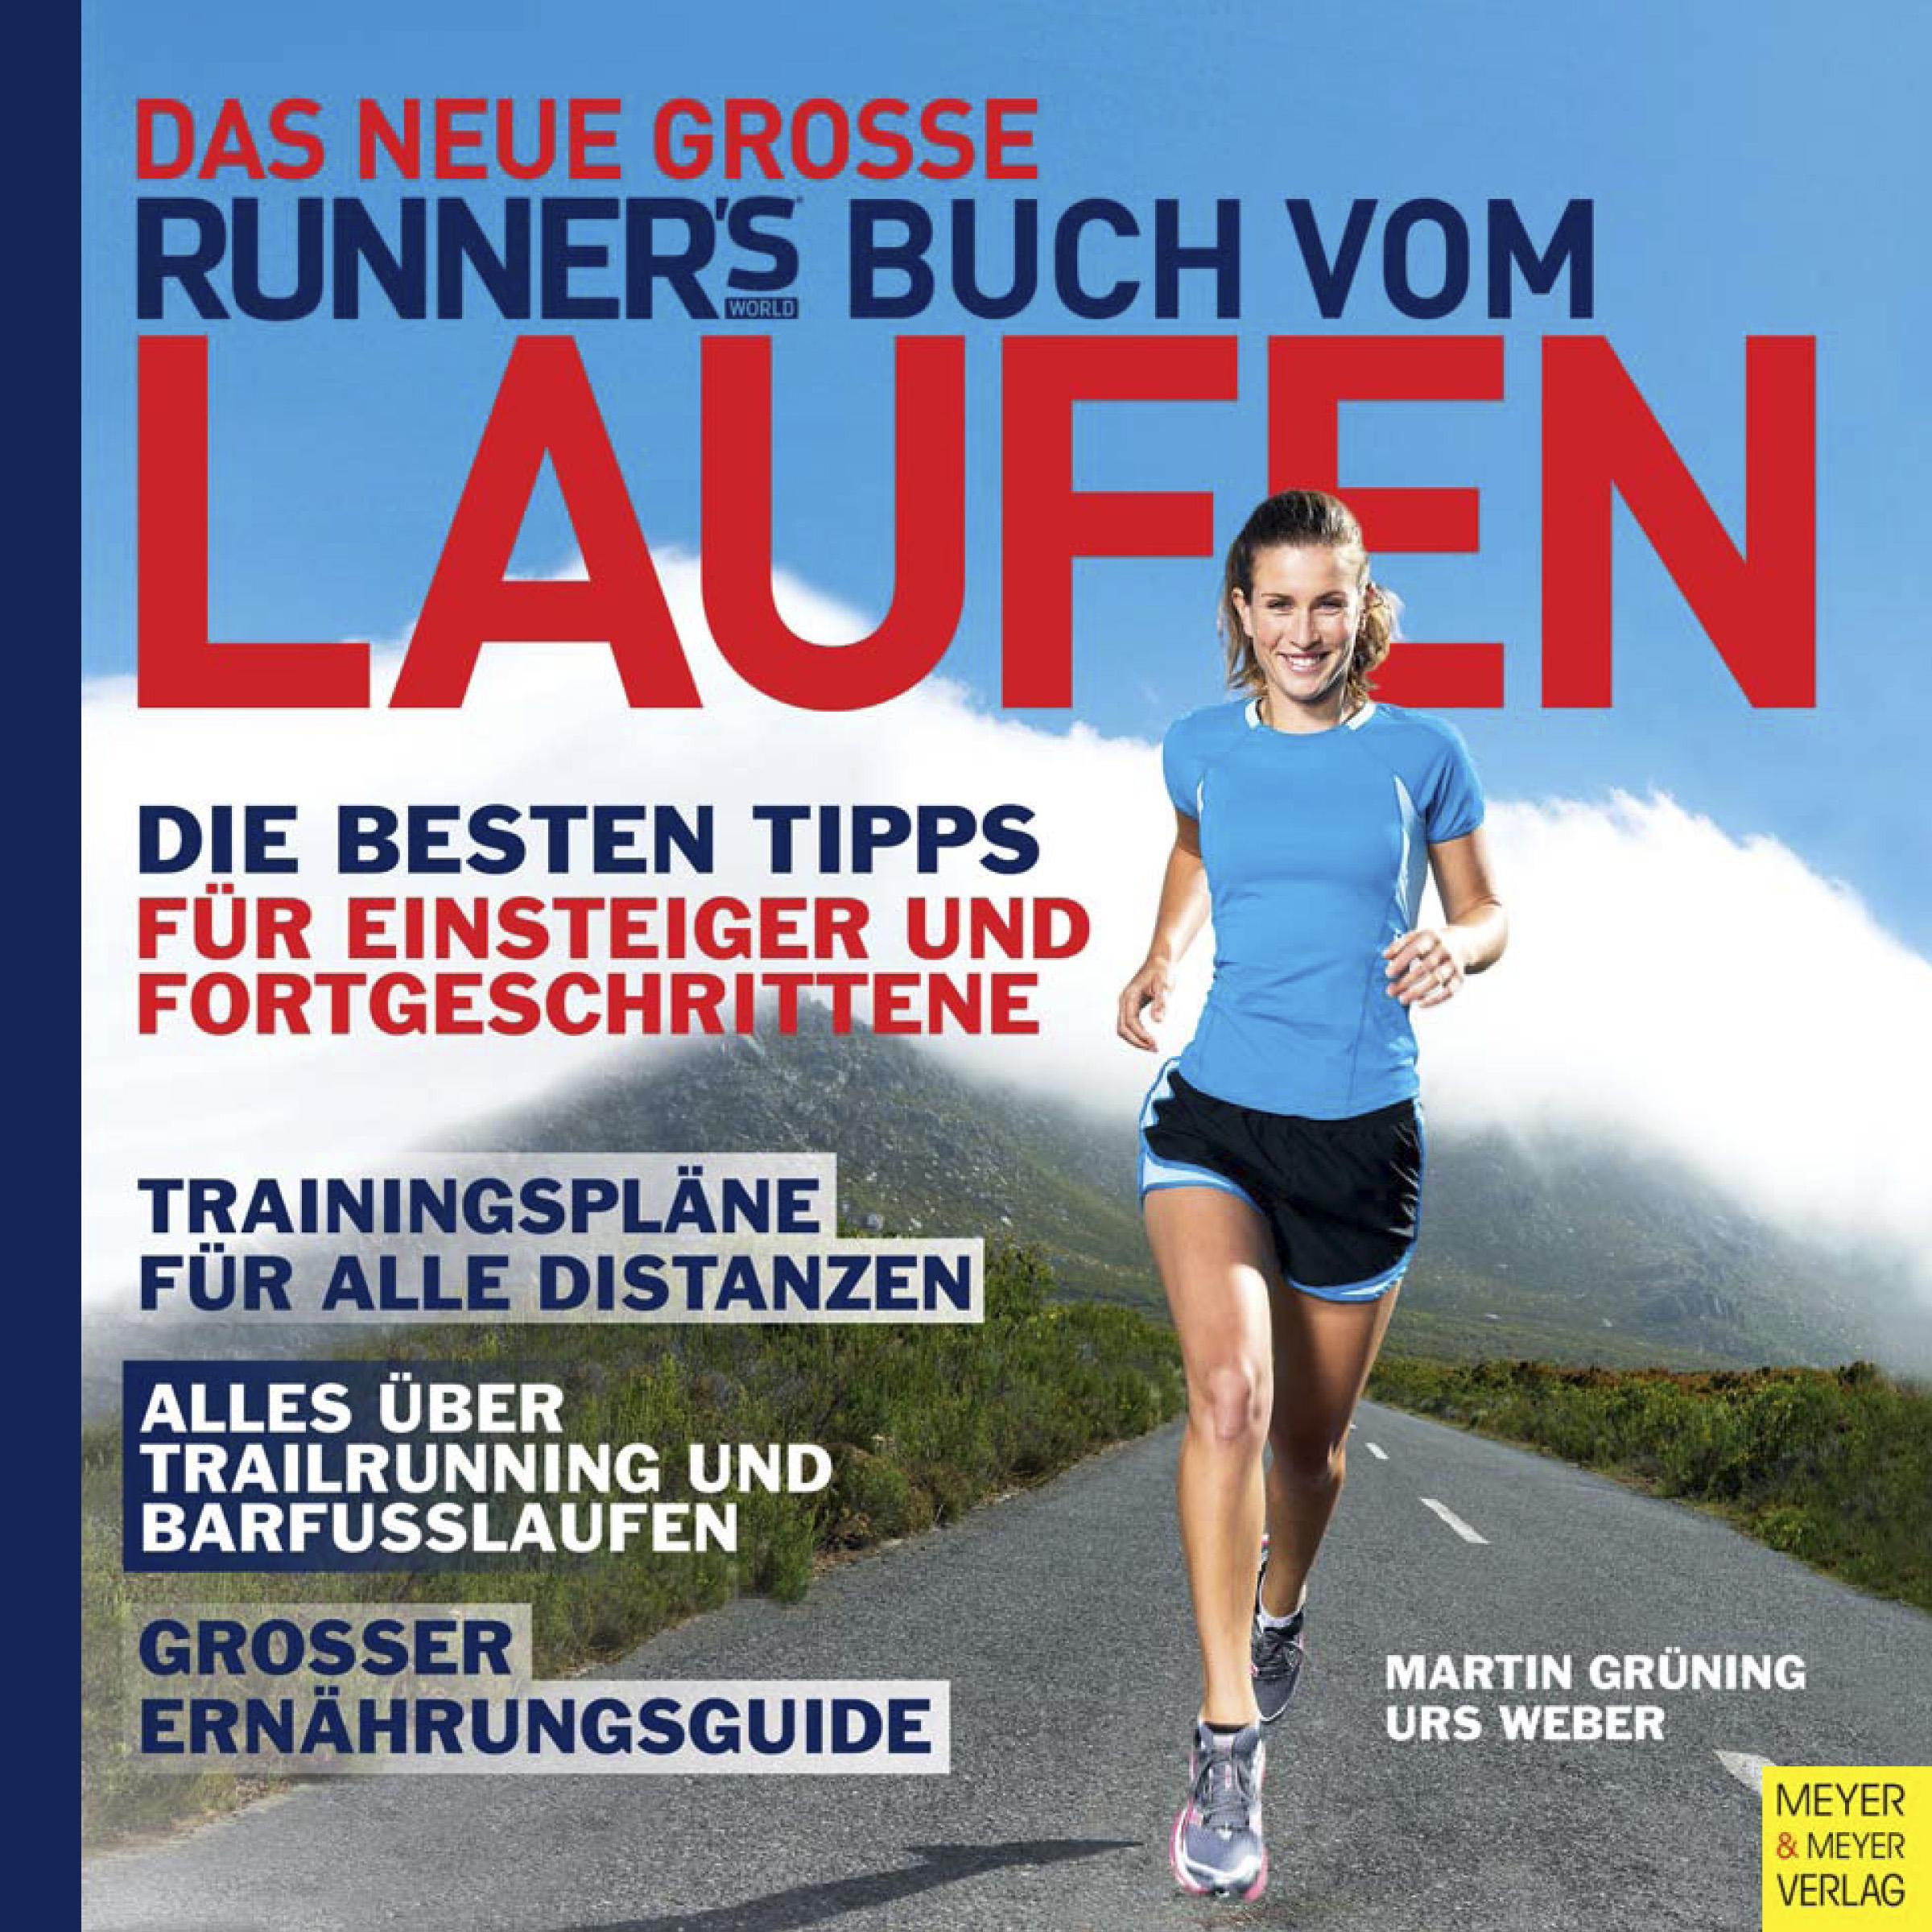 Das neue große Runner´s World Buch vom Laufen: Die besten Tipps für Einsteiger und Fortgeschrittene - Martin Grüning